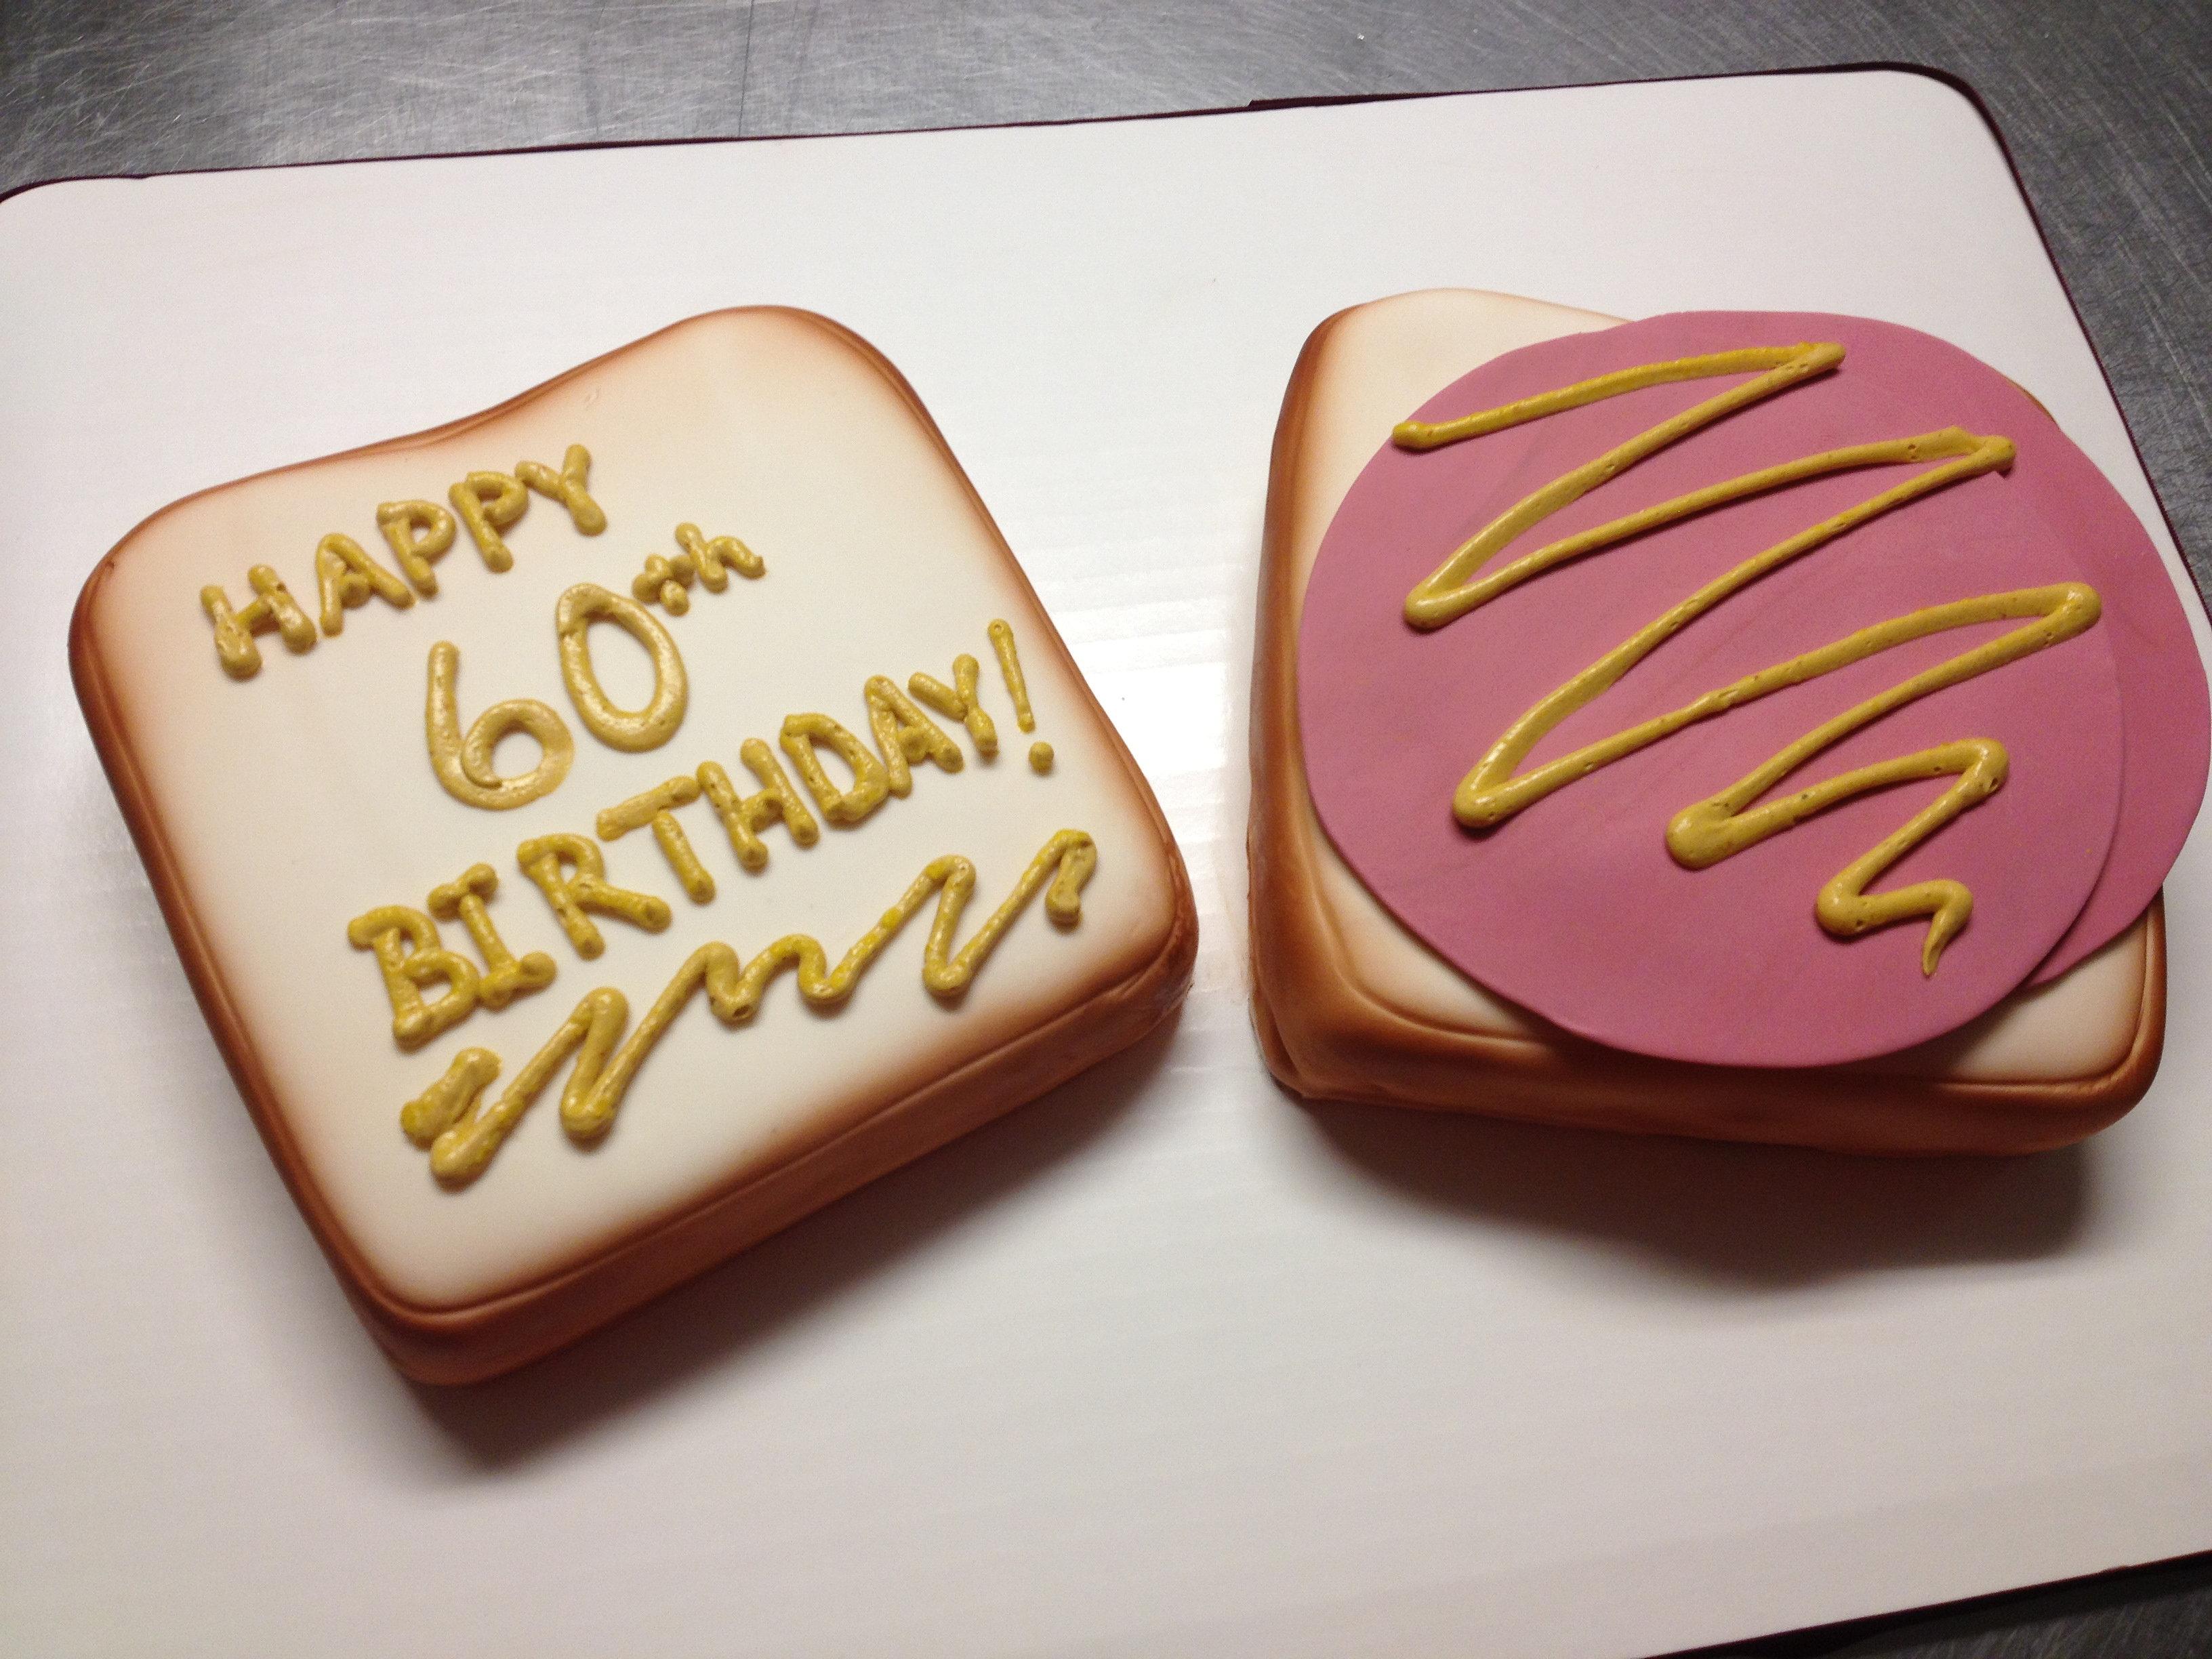 pescheria bologna cake - photo#45